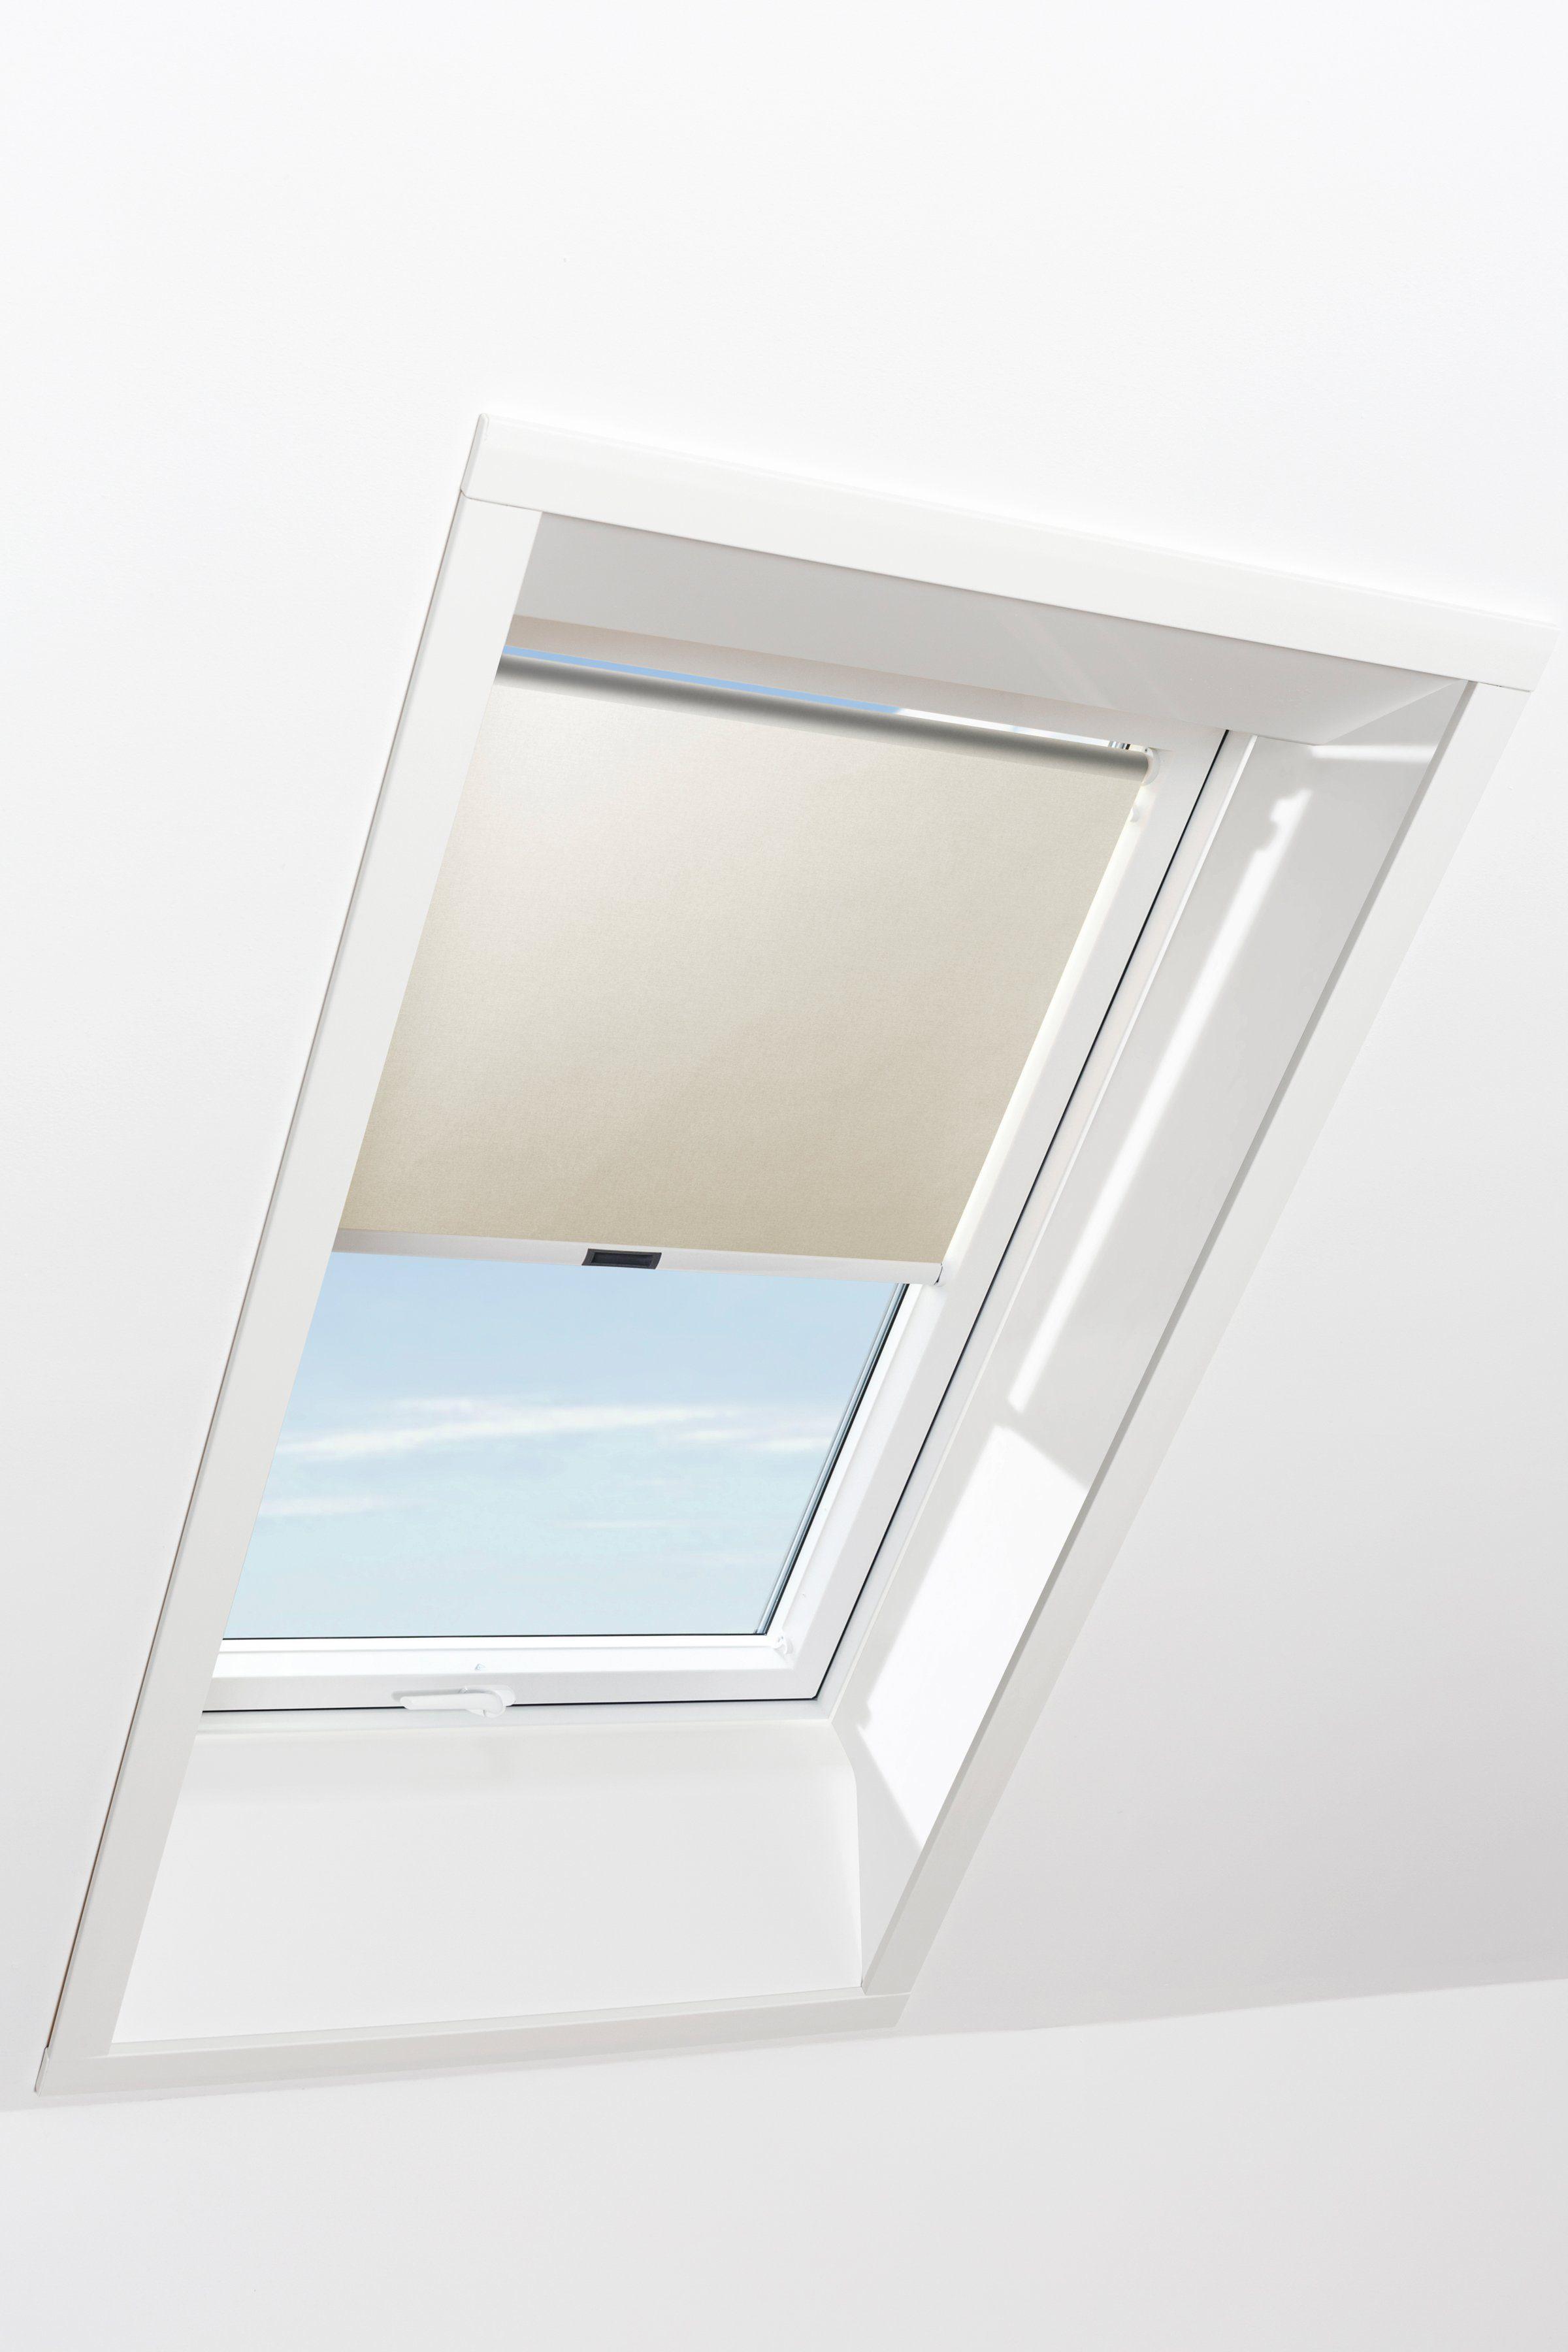 RORO Sichtschutzrollo »Typ SIRB914«, BxL: 94x140 cm, beige